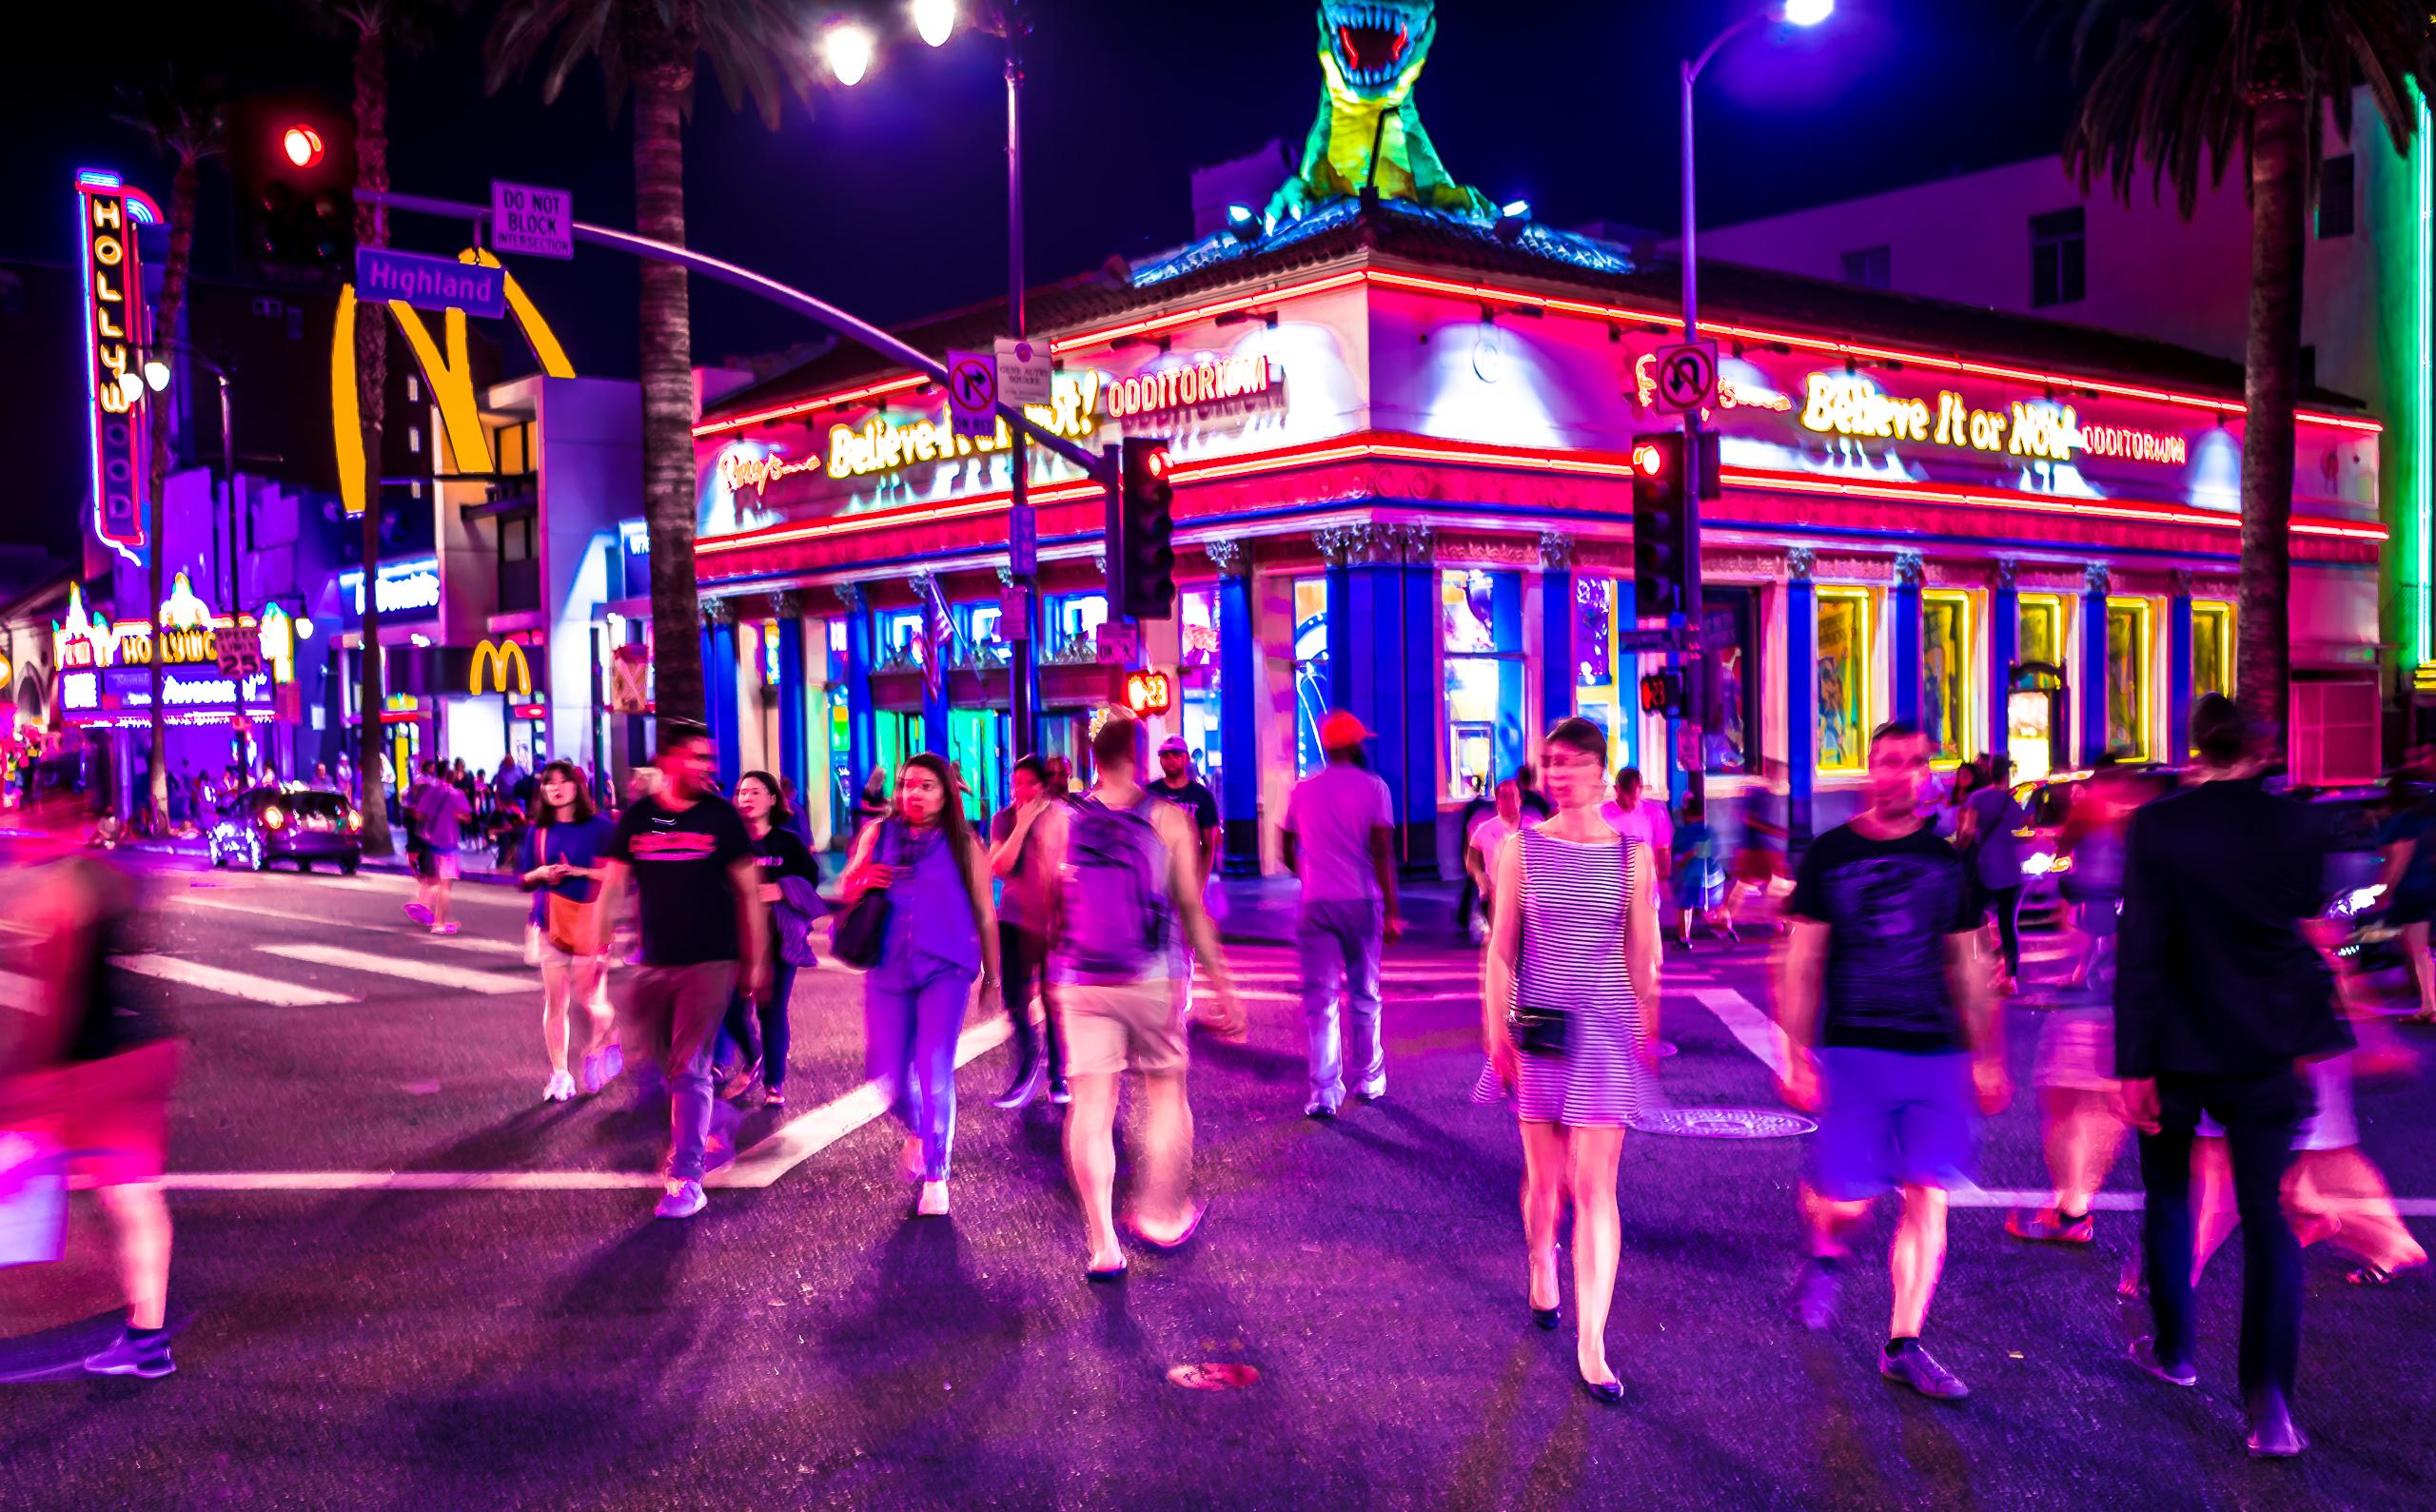 4-Way Crossing at Hollywood & Highland